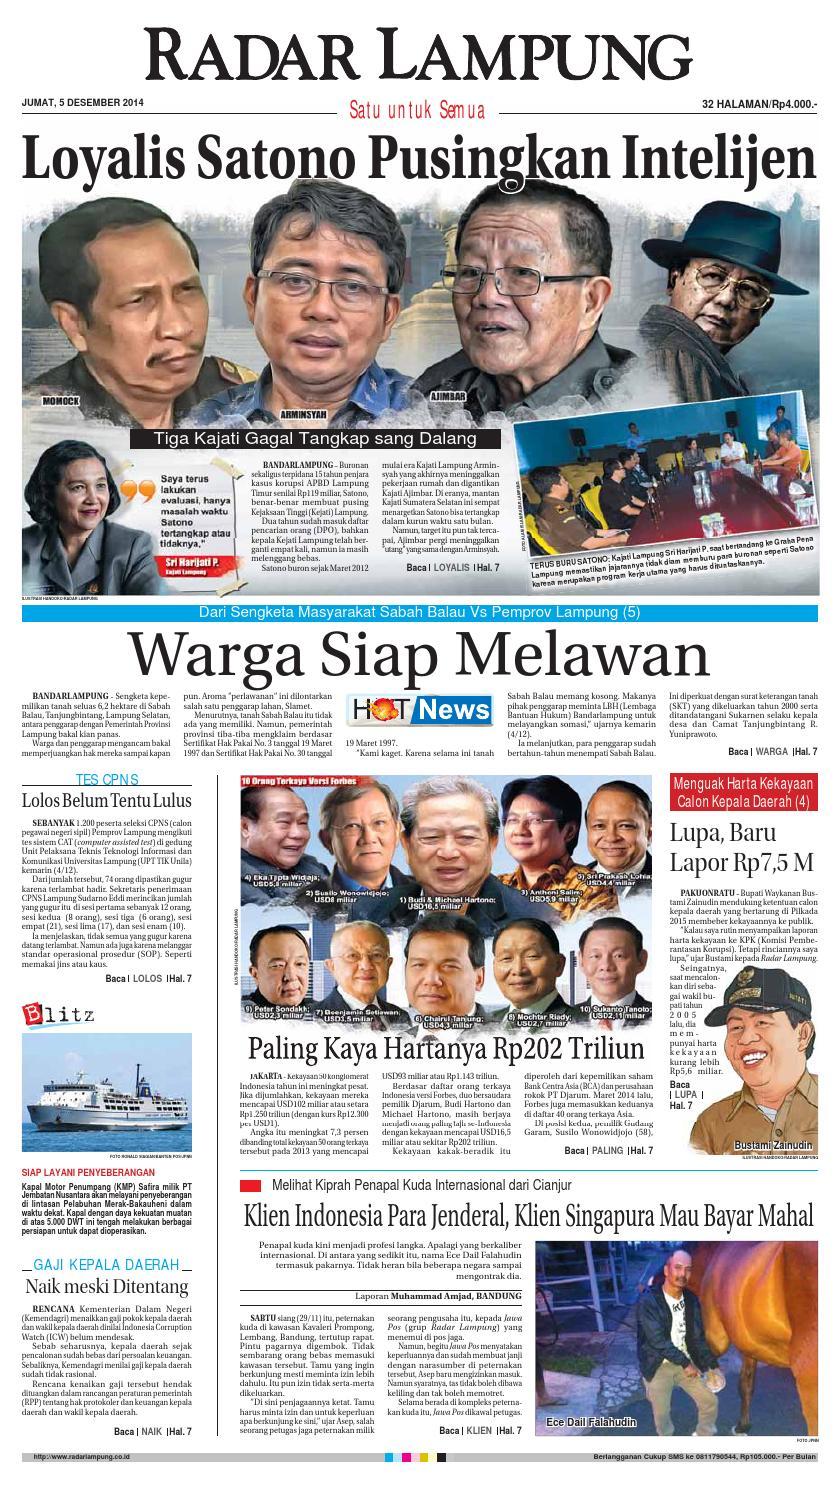 Radar Lampung Selasa 30 Desember 2014 By Ayep Kancee Issuu Mainan Mobil Anak Tomica Limited Vintage Series Datsun Bluebird 1300 Standard Jumat 5